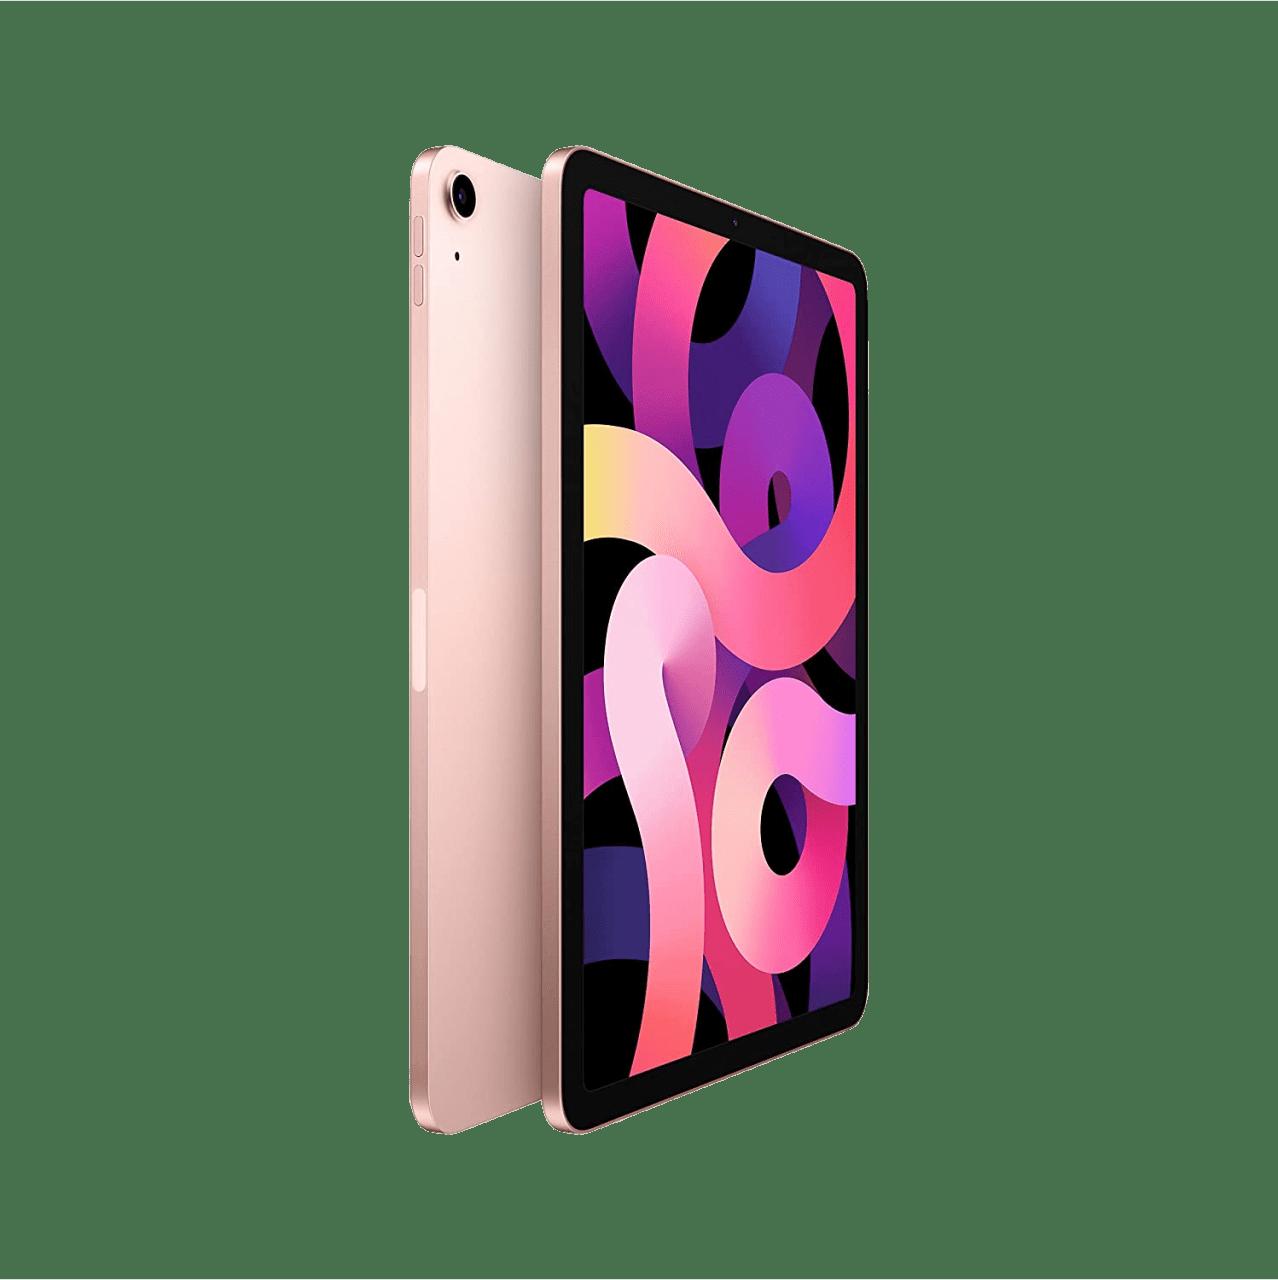 Rosegold Apple iPad Air (2020) - 4G - iOS14 - 256GB.2